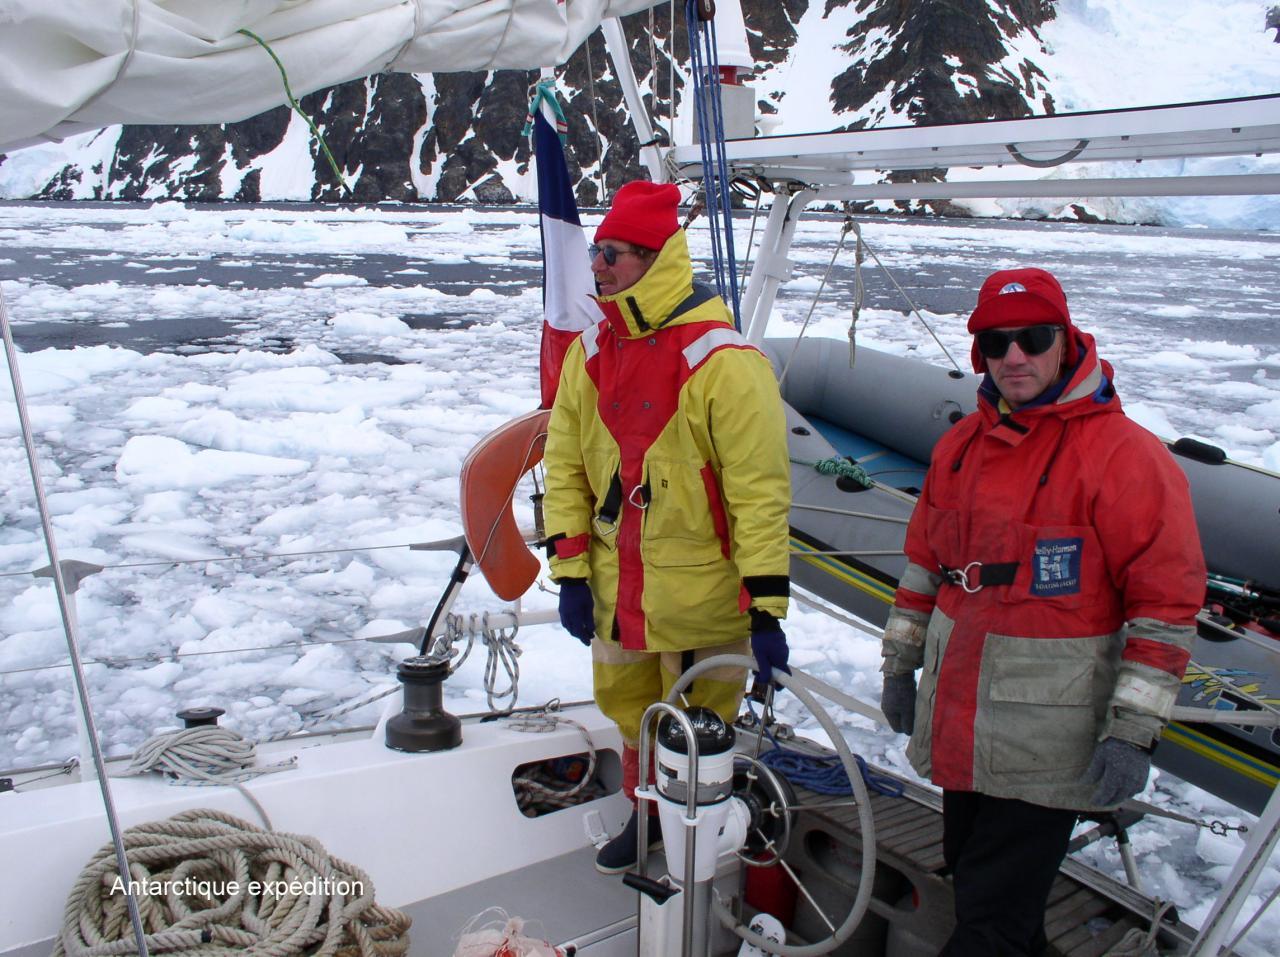 Antarctique expedition 1